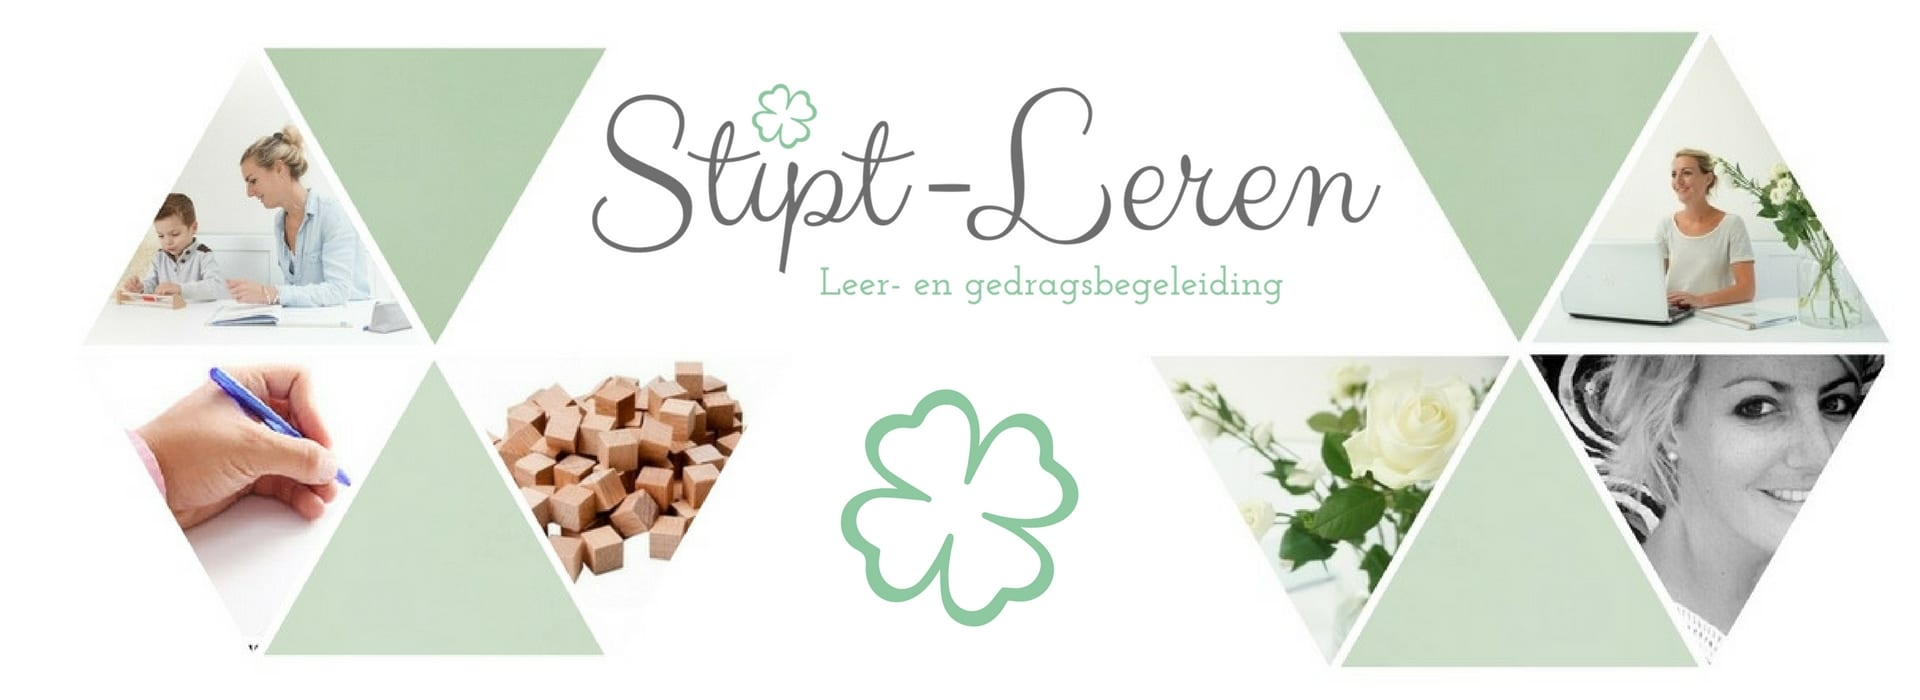 Stipt-Leren - Begeleiding aan kinderen in Nijmegen - Leerbegeleiding - Gedragbegeleiding - Remedial Teaching